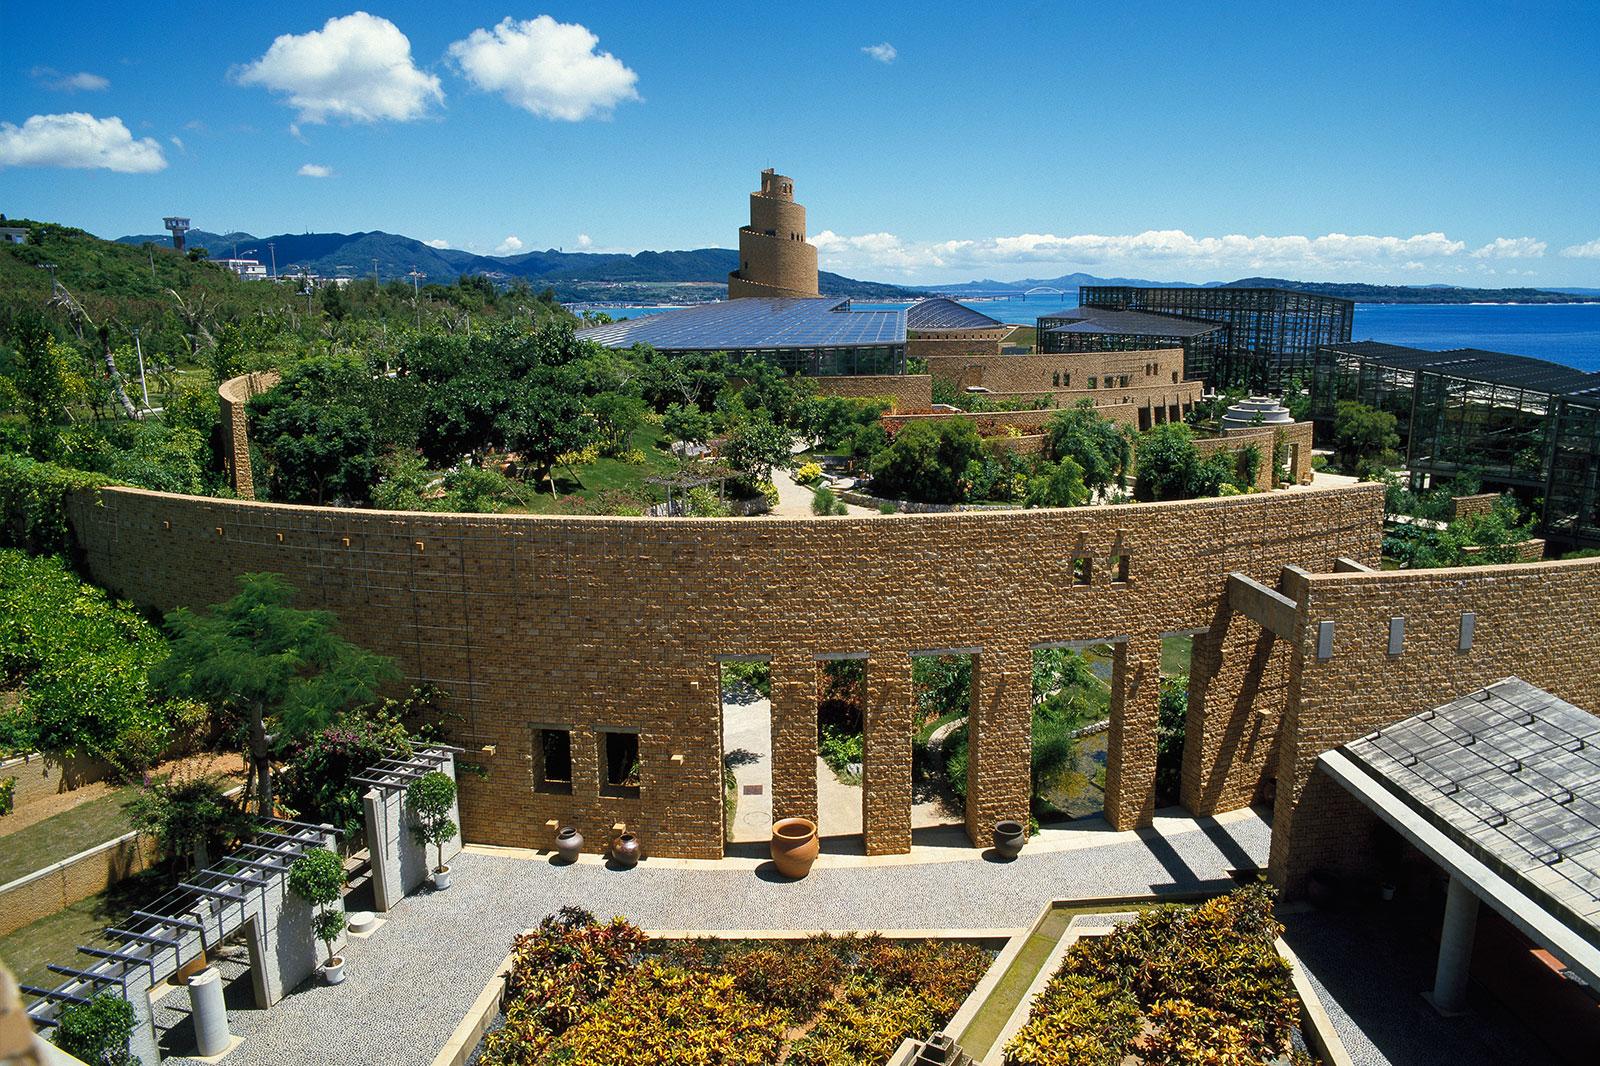 Tropical Dream Center, Okinawa